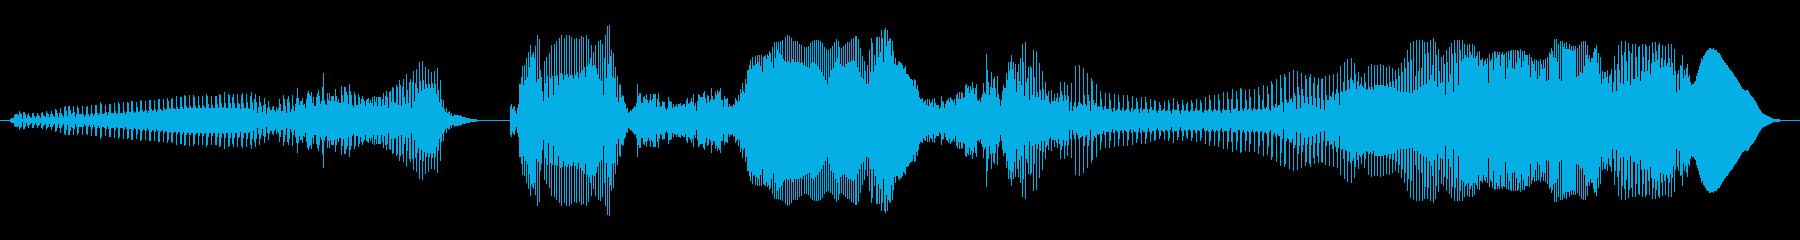 難しいぞぉ~の再生済みの波形